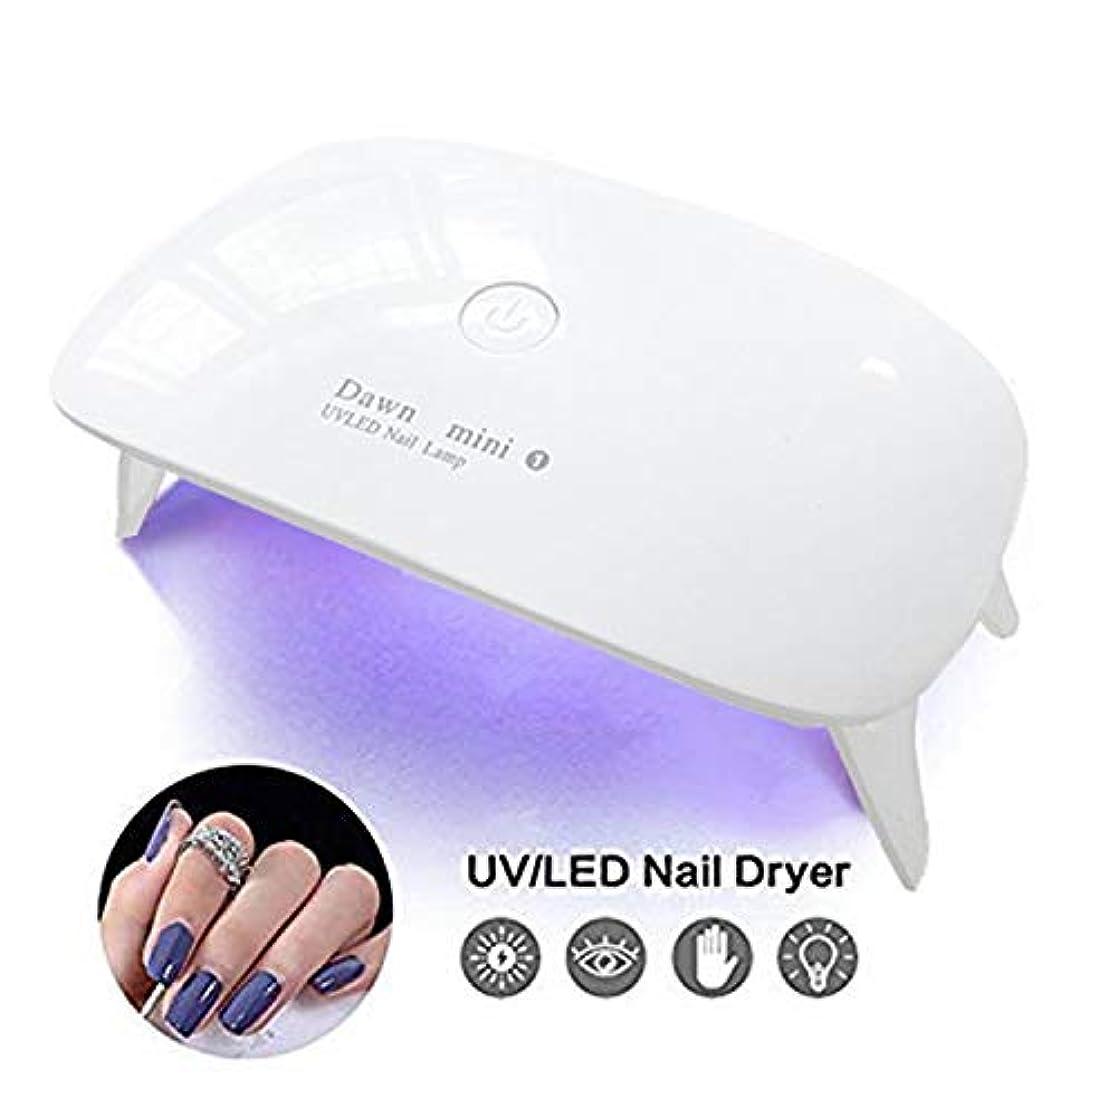 発音麻痺装備するUVライト LEDネイルドライヤー ジェルネイルLEDライト 硬化ライト タイマー設定可能 折りたたみ式手足とも使える UV と LEDダブルライト ジェルネイル用 ホワイト 日本語説明書付き